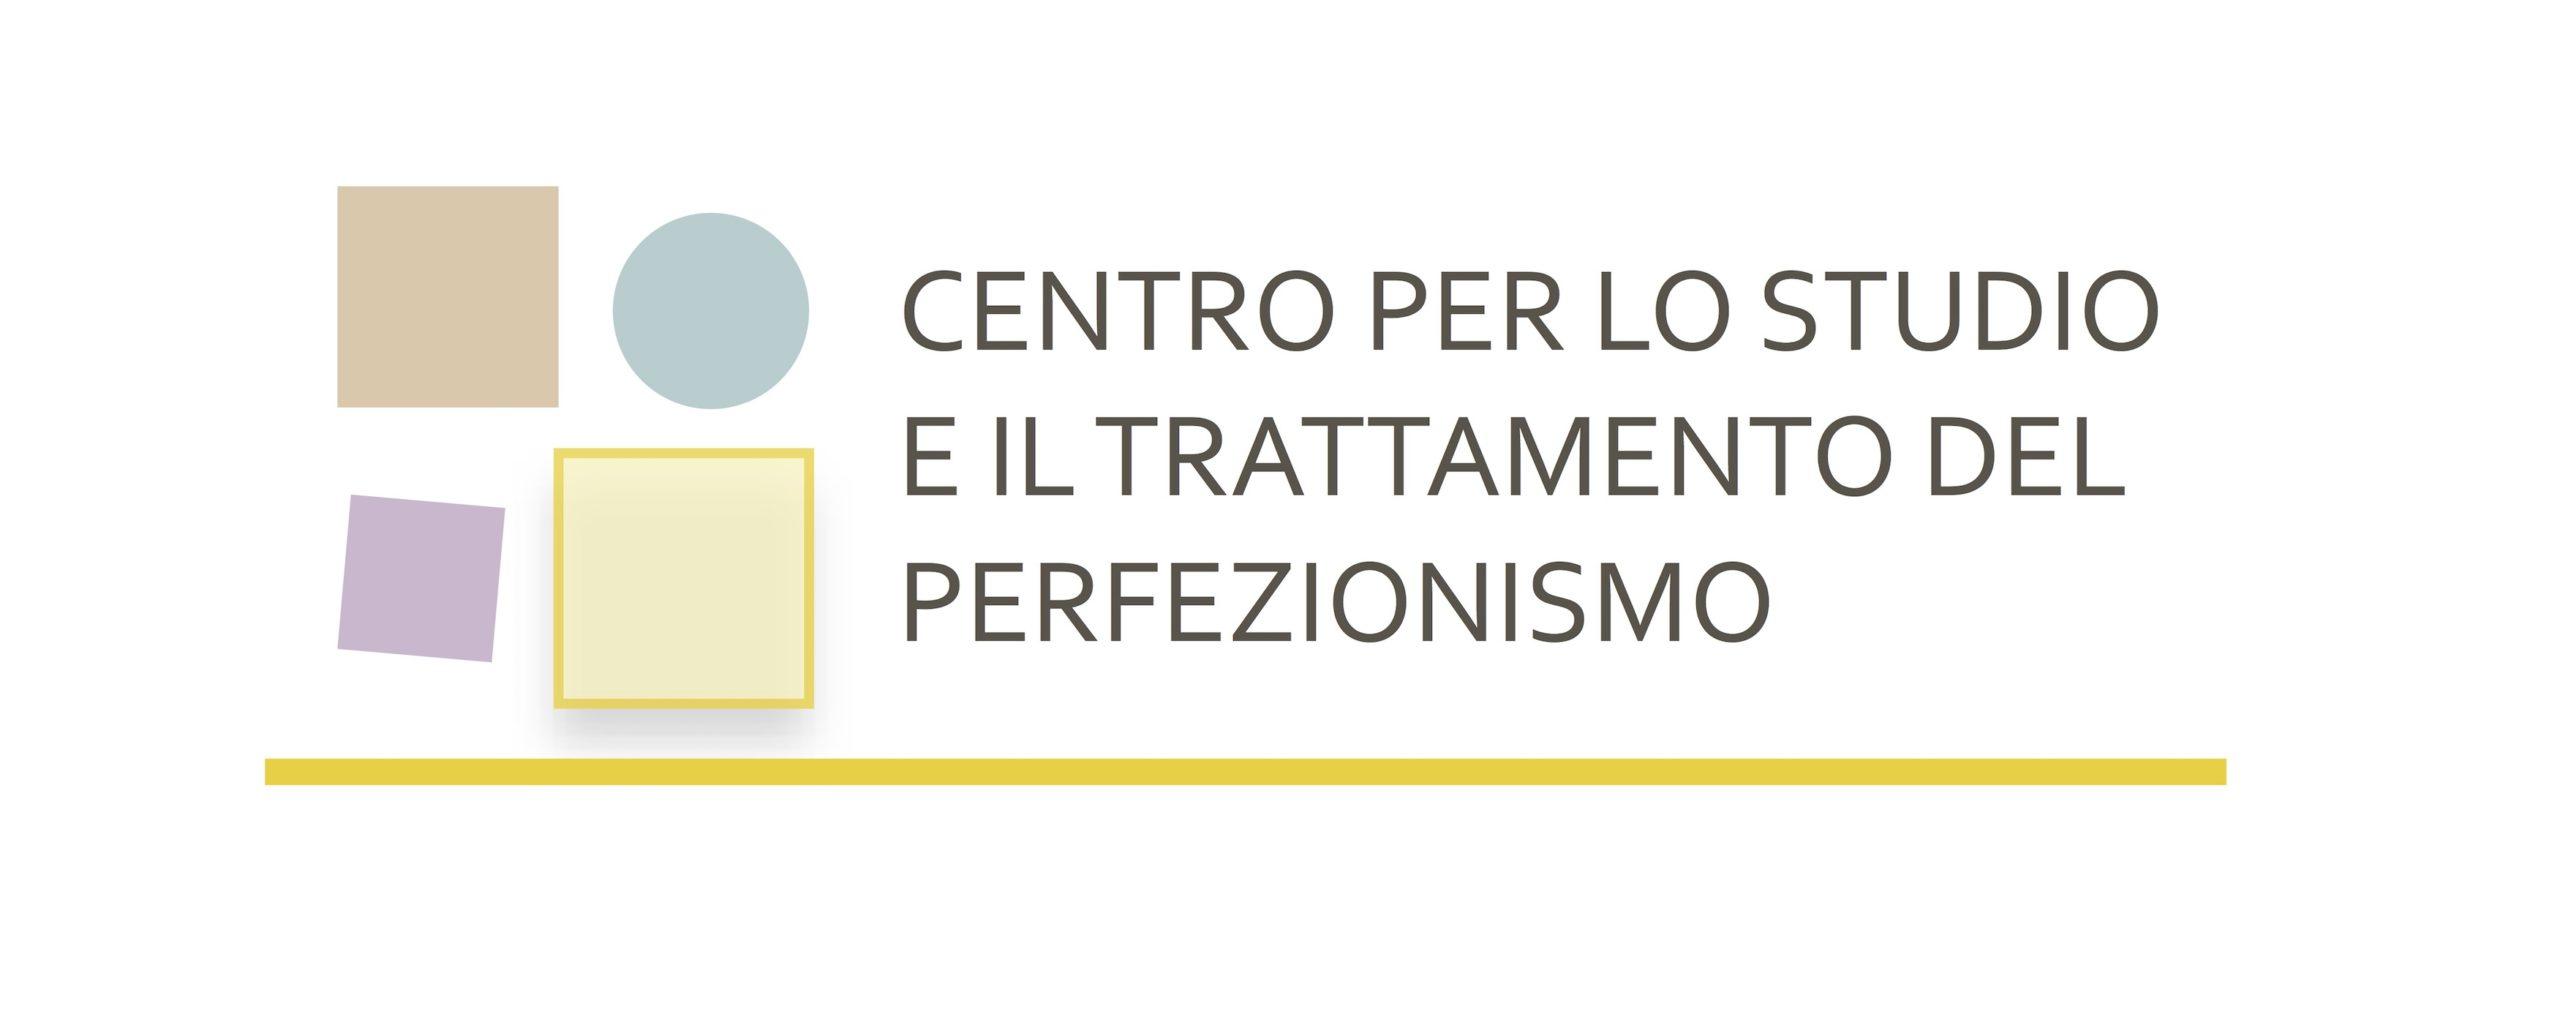 perfezionismo, centro per lo studio e il trattamento del perfezionismo, superare il perfezionismo, curare il perfezionismo, trattamento del perfezionismo